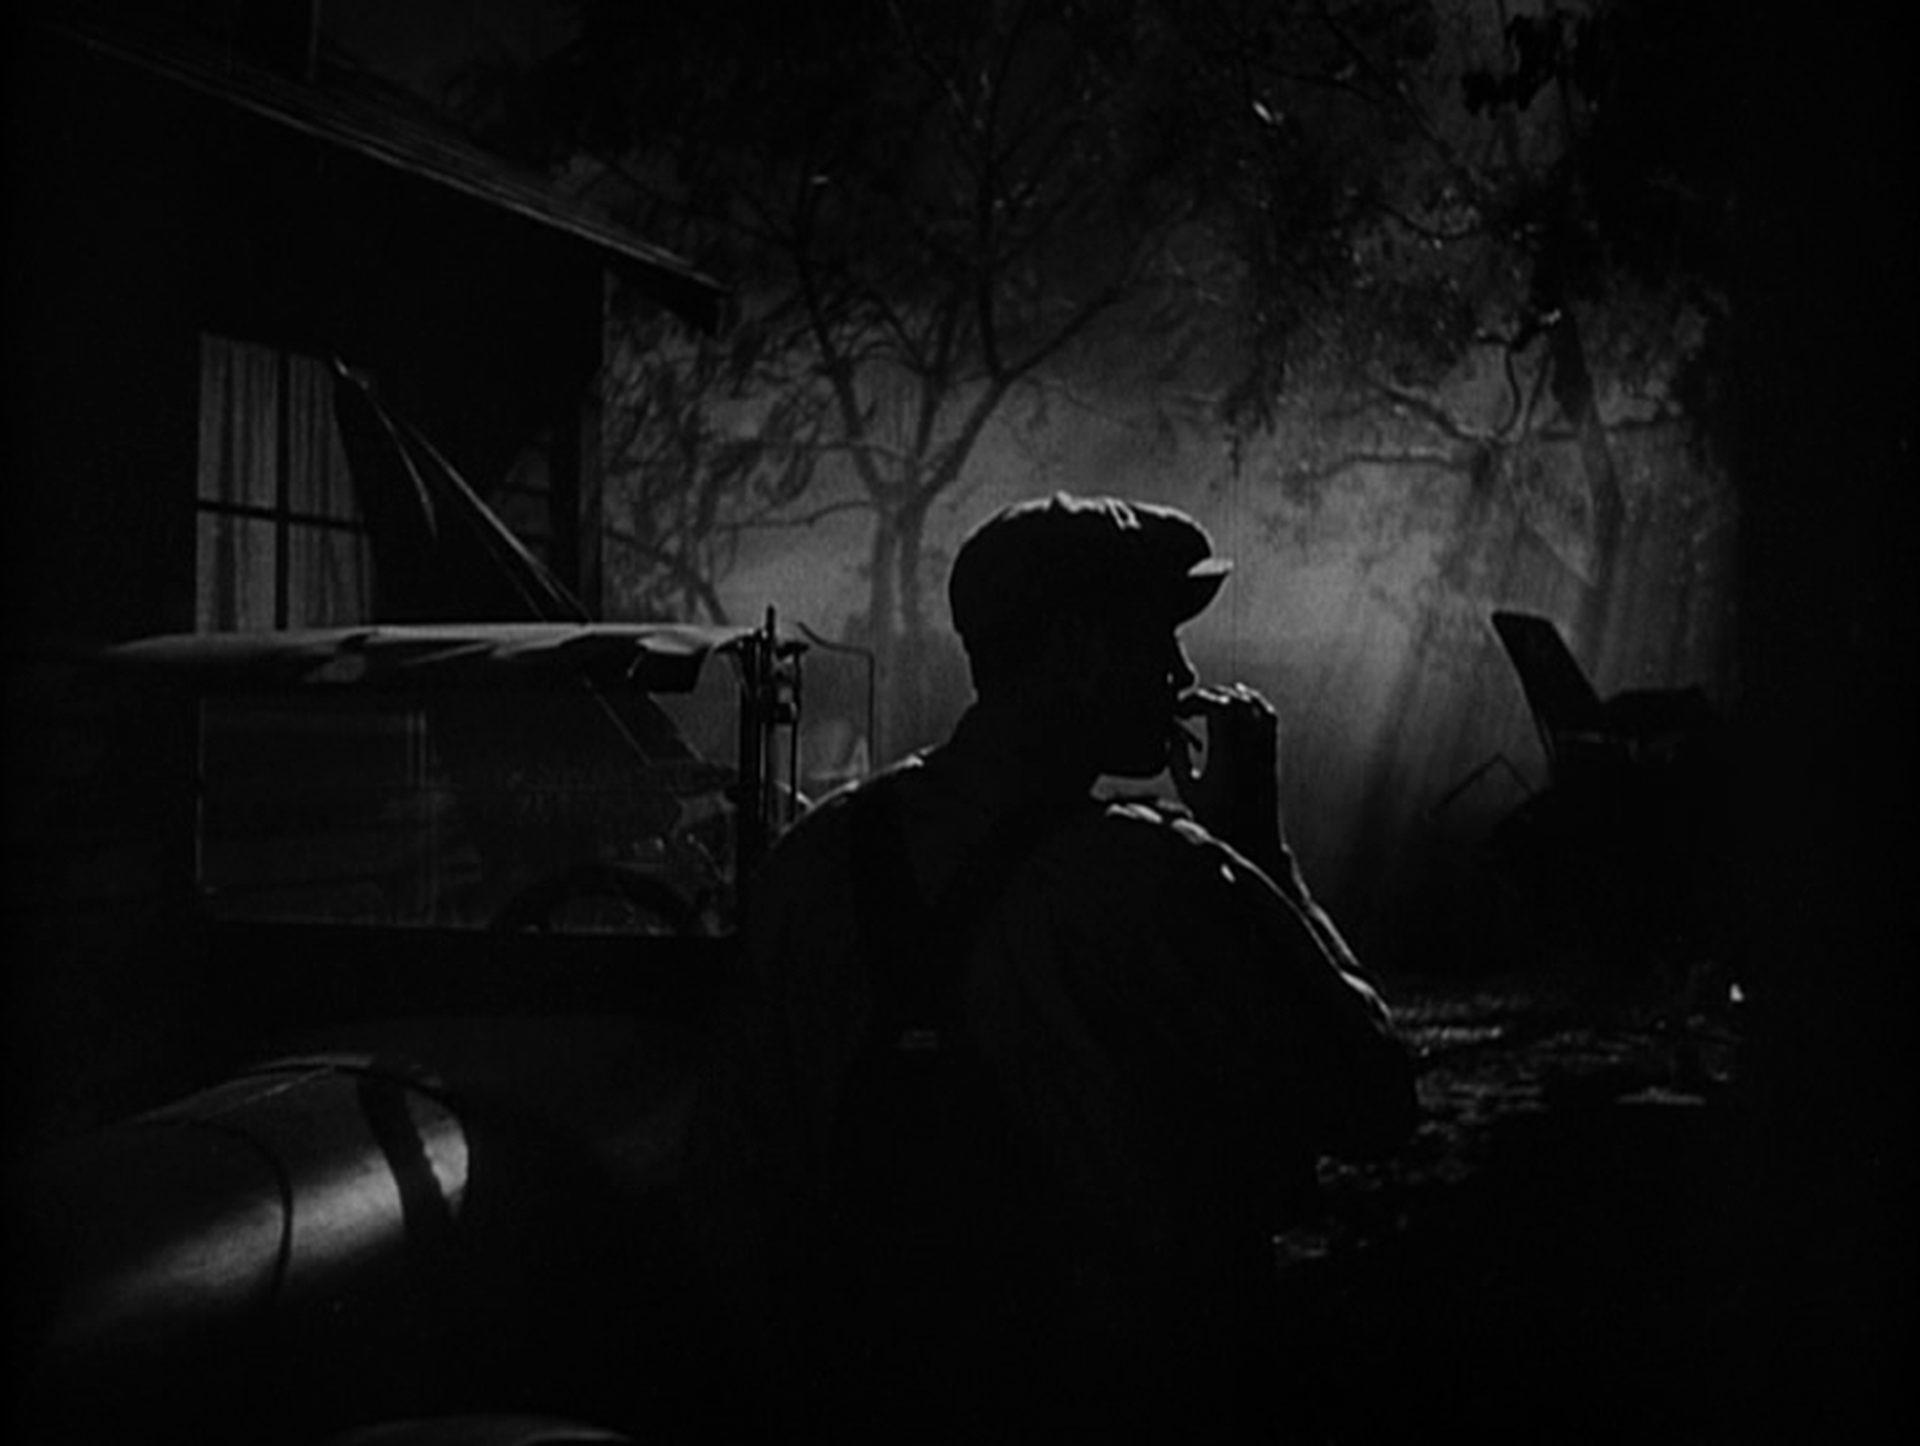 Tom Joad in der Nacht, wie er an einer Zigarette zieht.